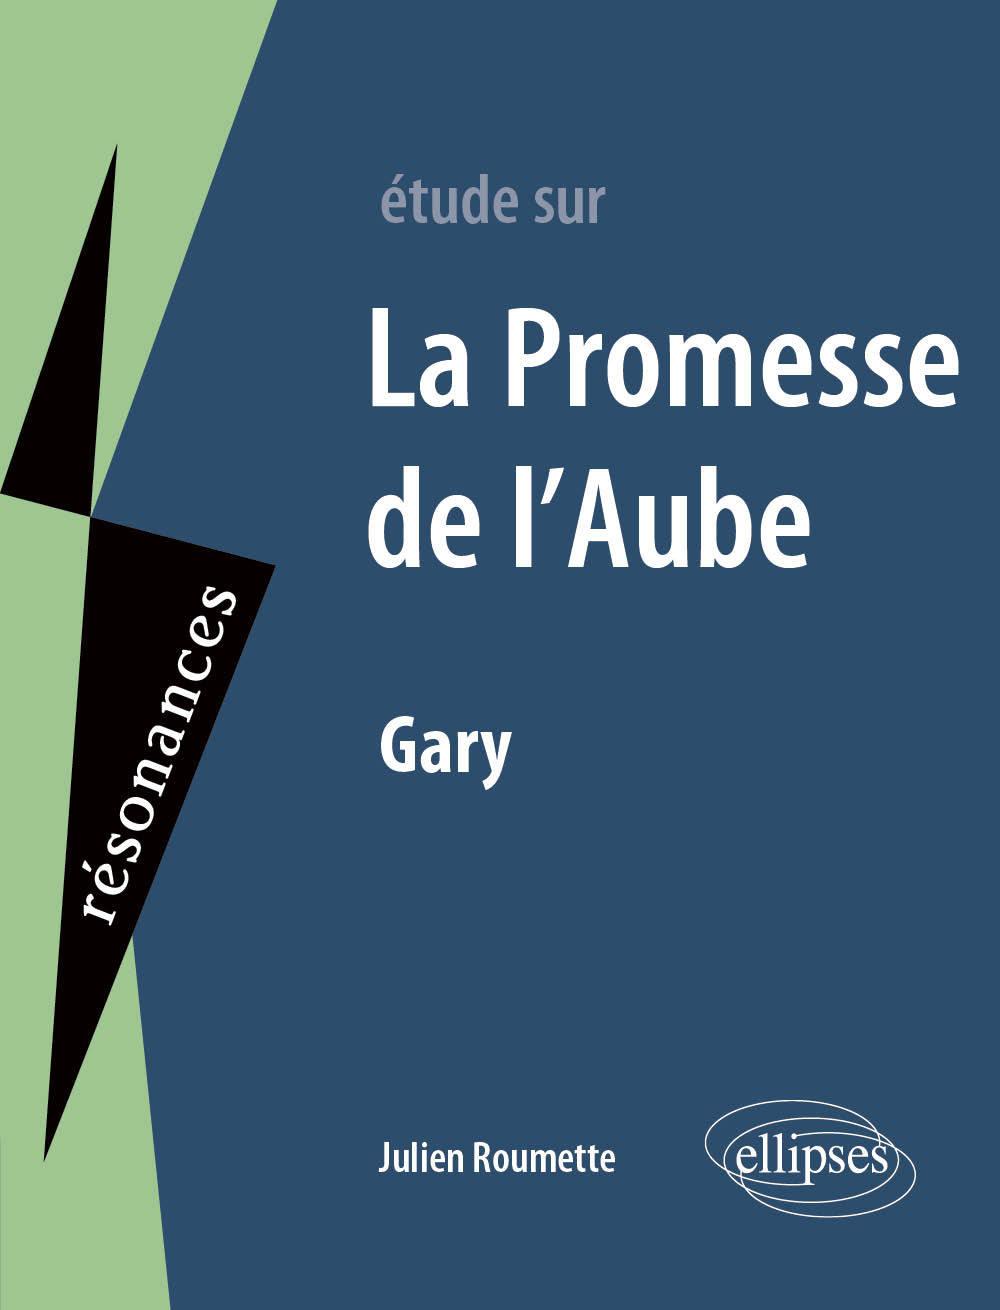 GARY, LA PROMESSE DE L AUBE